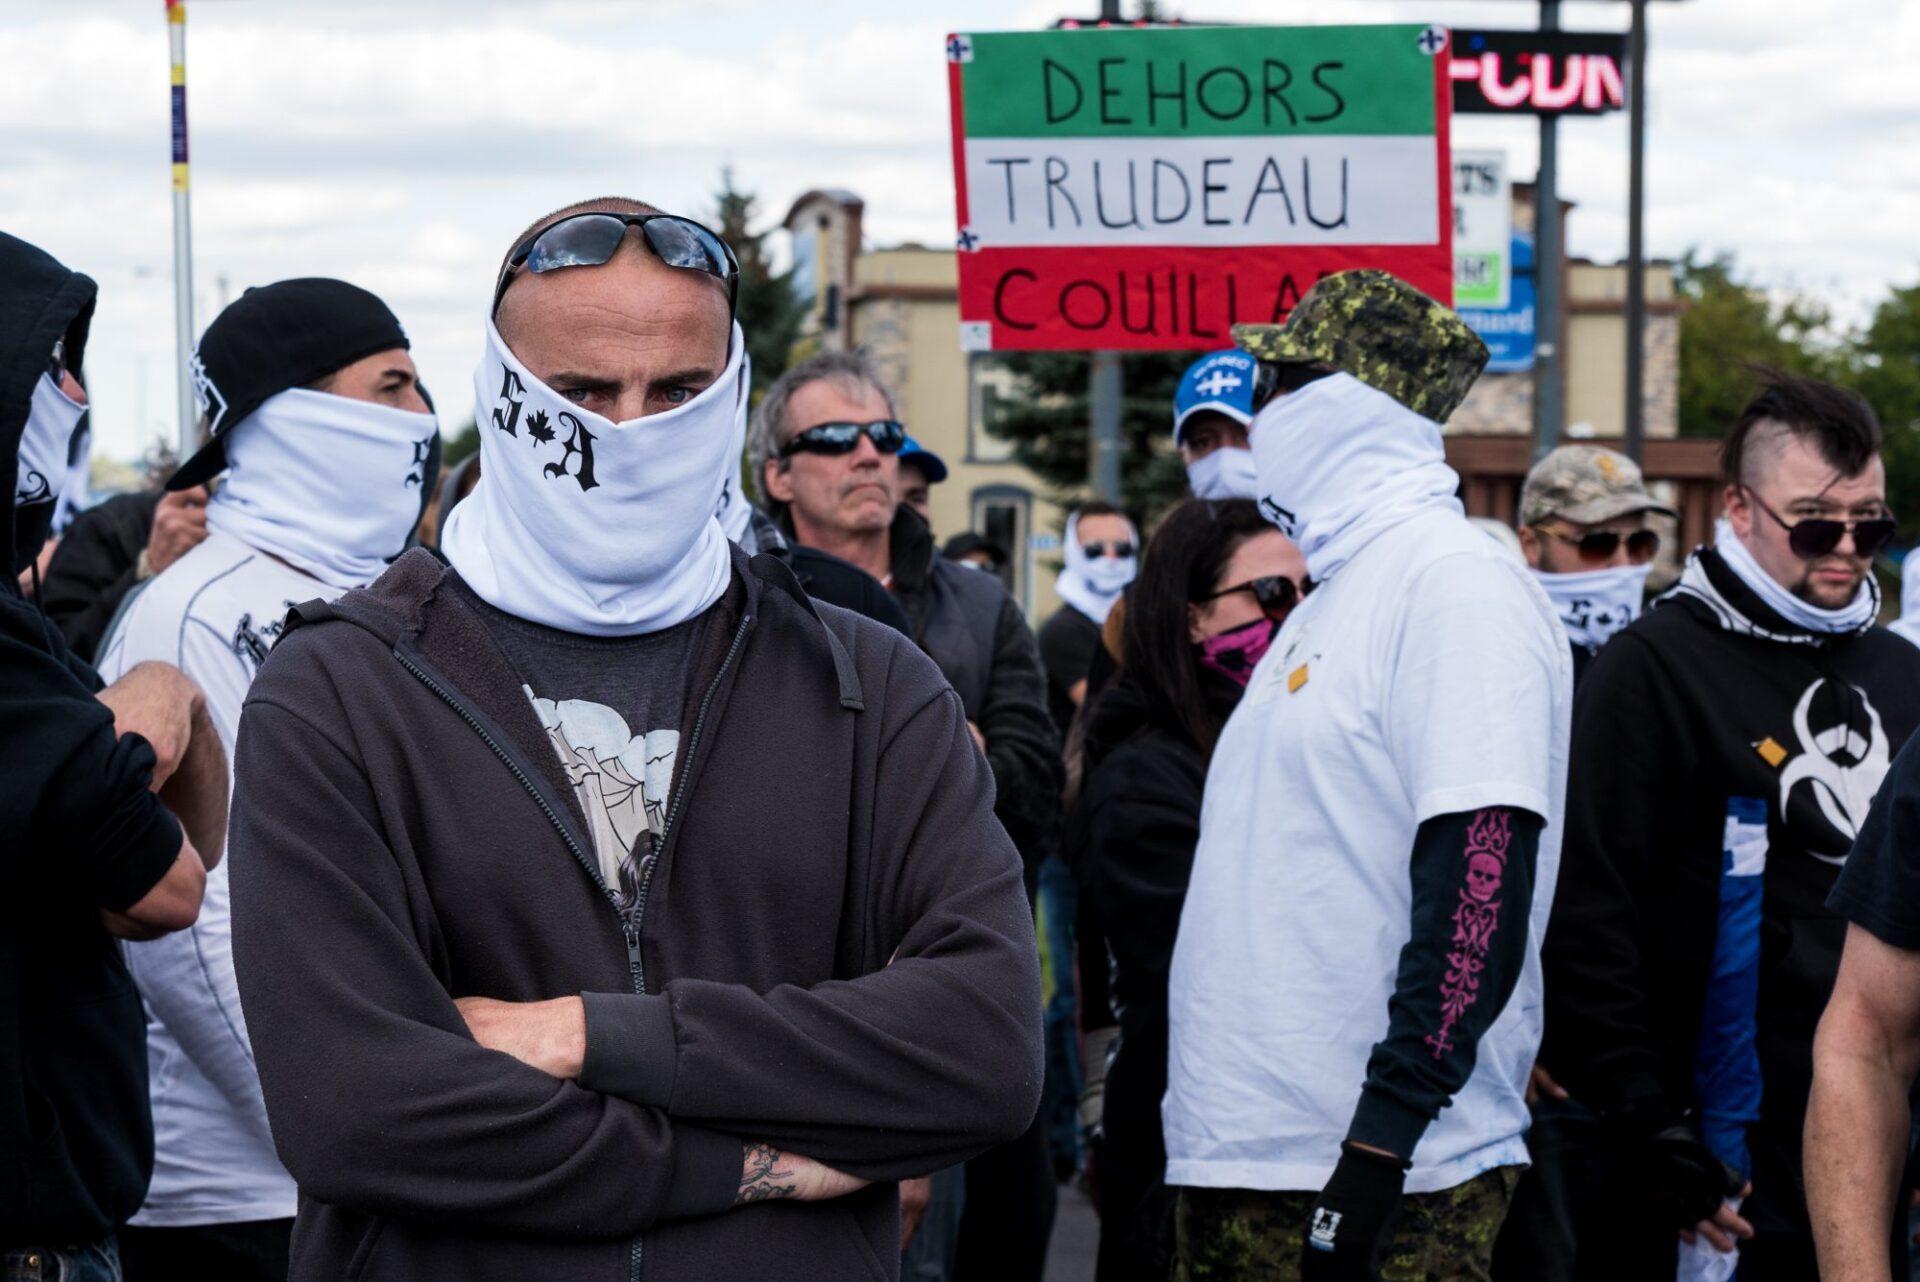 Un service d'ordre d'une cinquantaine de personnes occupait la tête de la manifestation de Storm Alliance   Photo: Martin Ouellet-Diotte  Montréal Campus